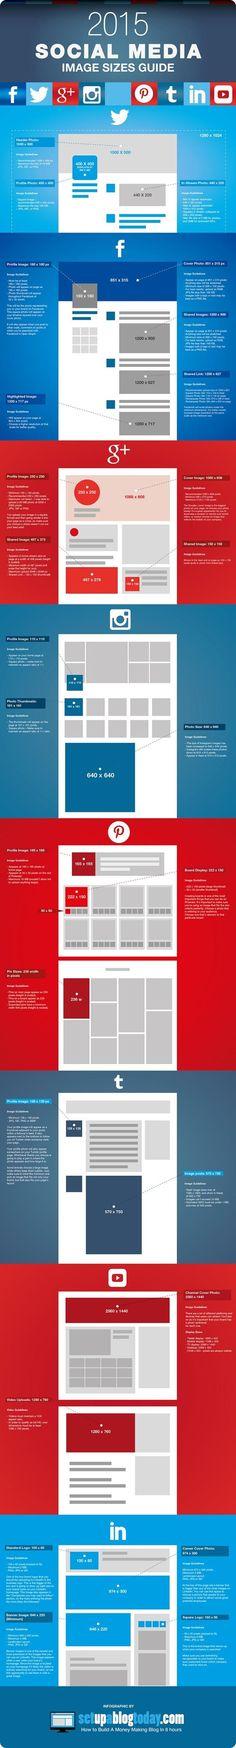 Excelente gabarito de imagens para várias redes sociais! Awesome image guide for major social networks!